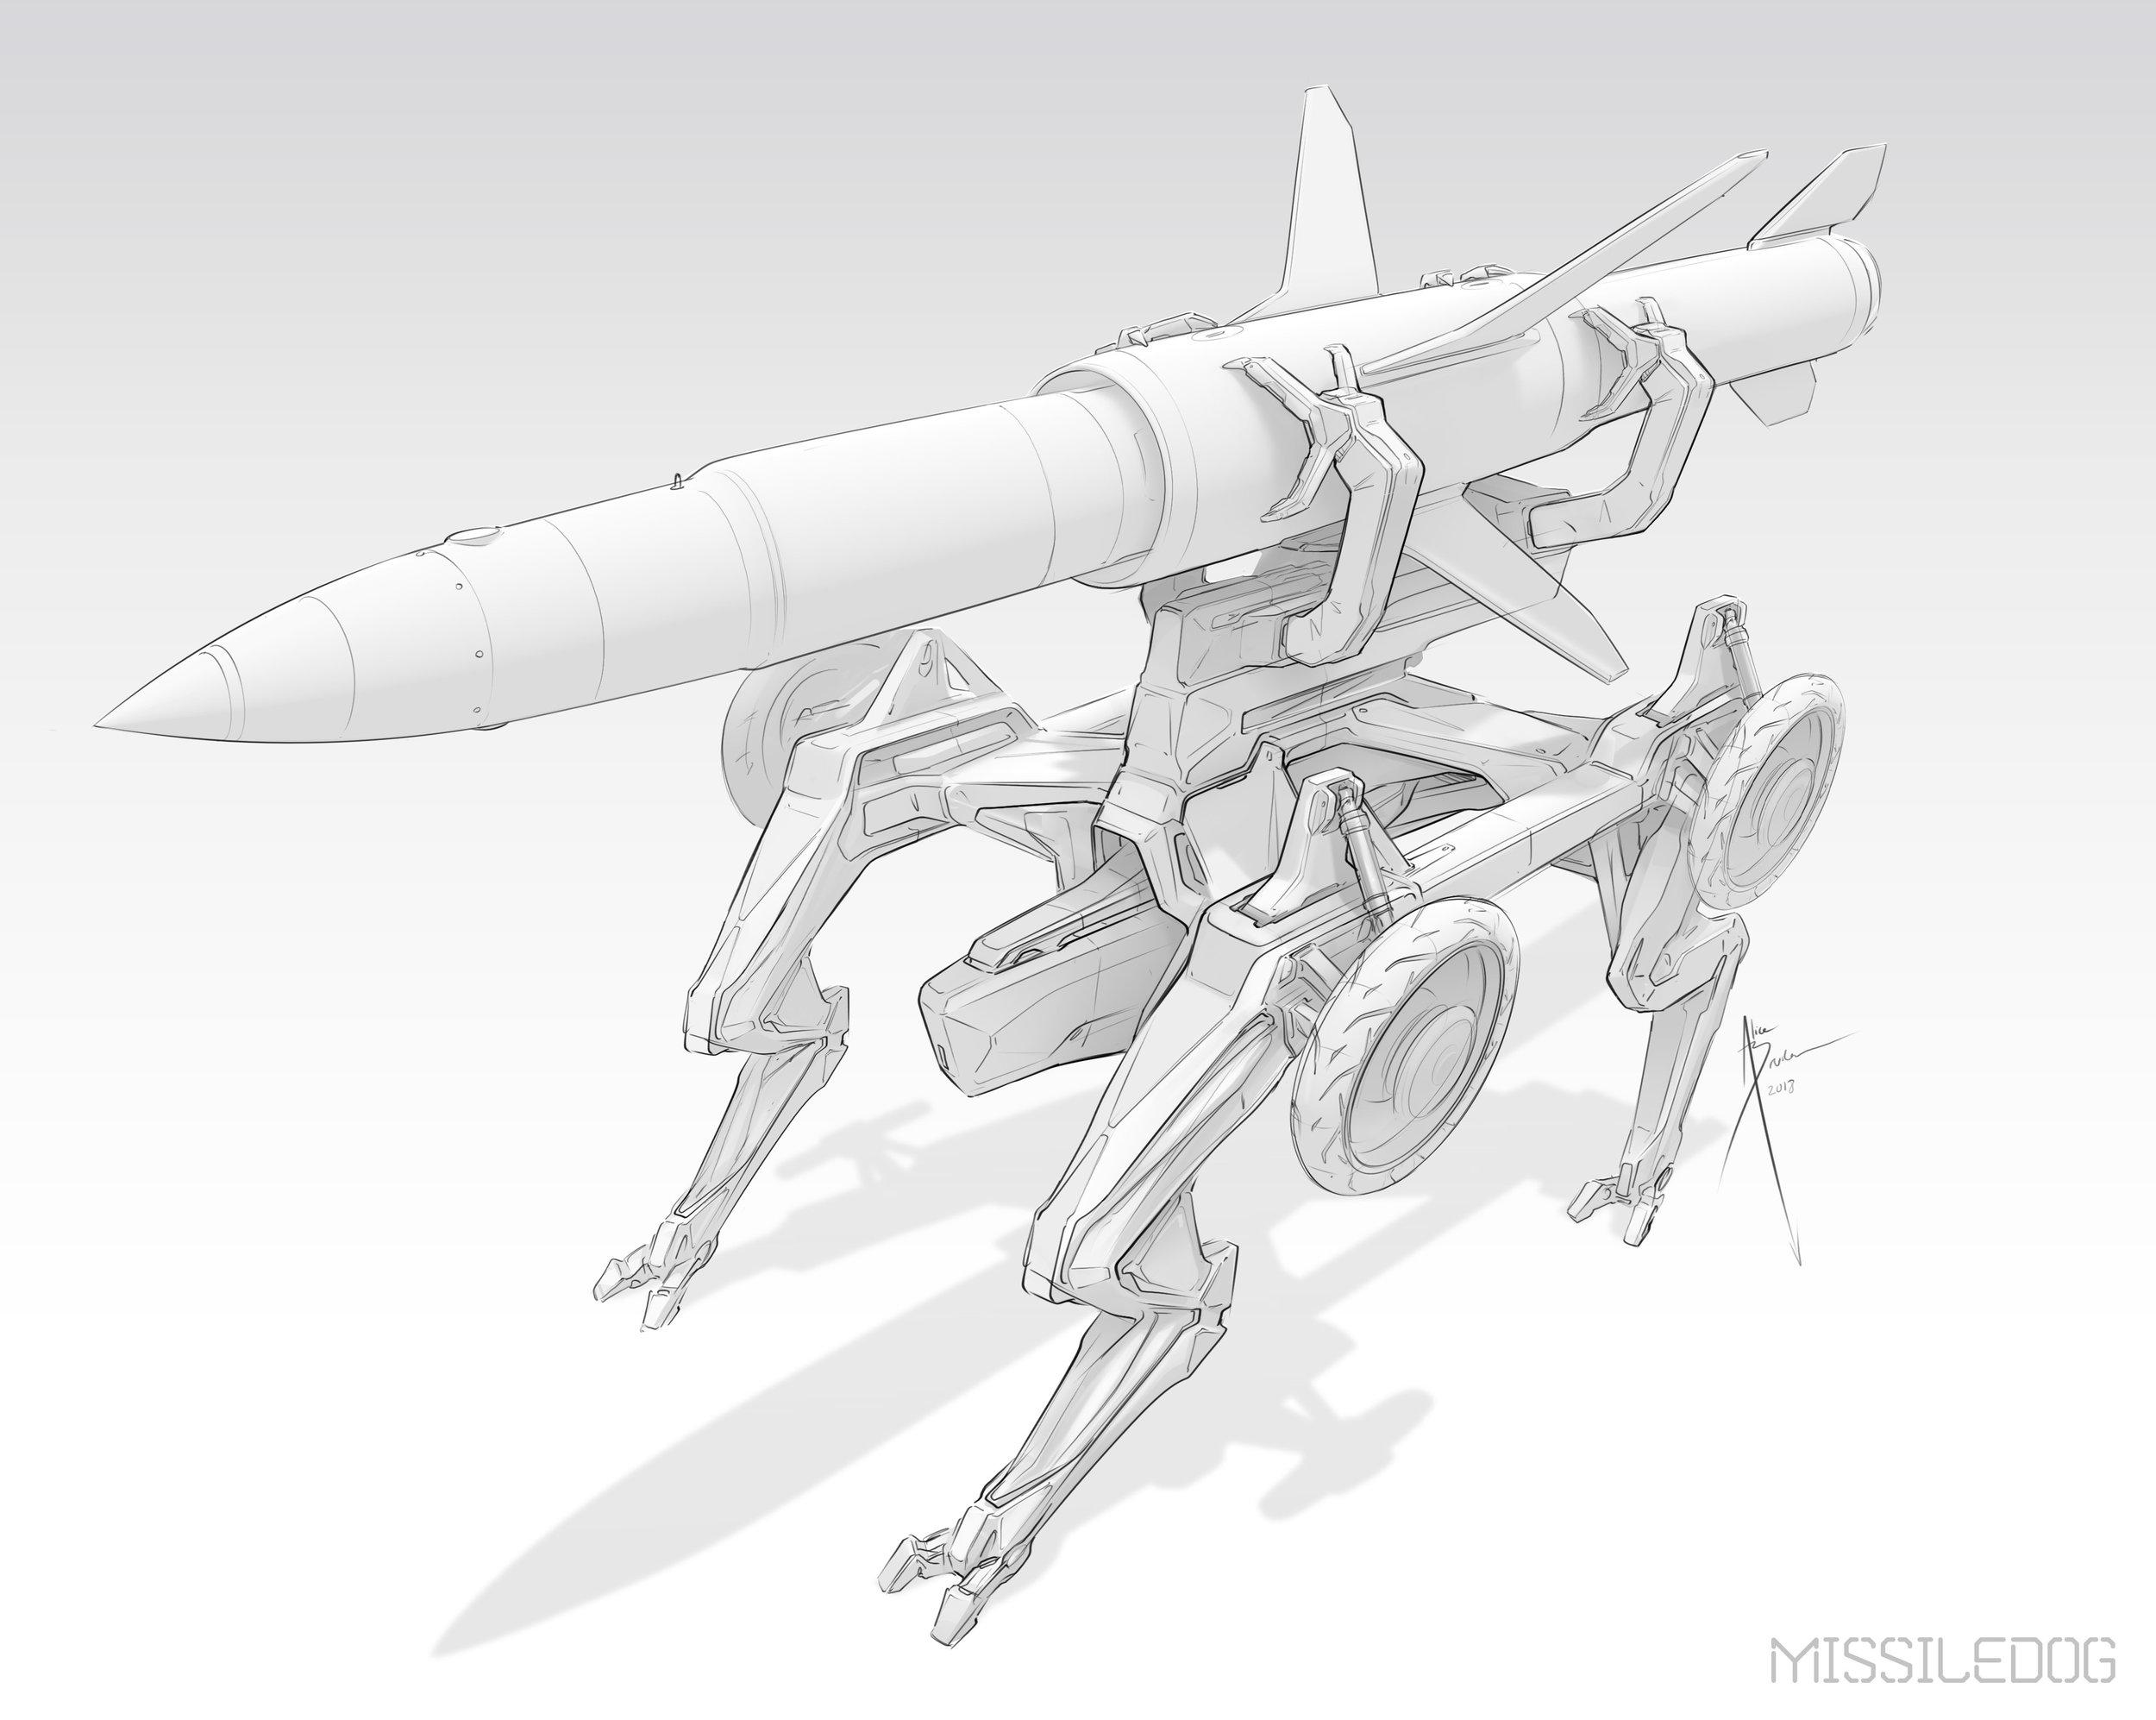 missiledog-lineart-2.jpg